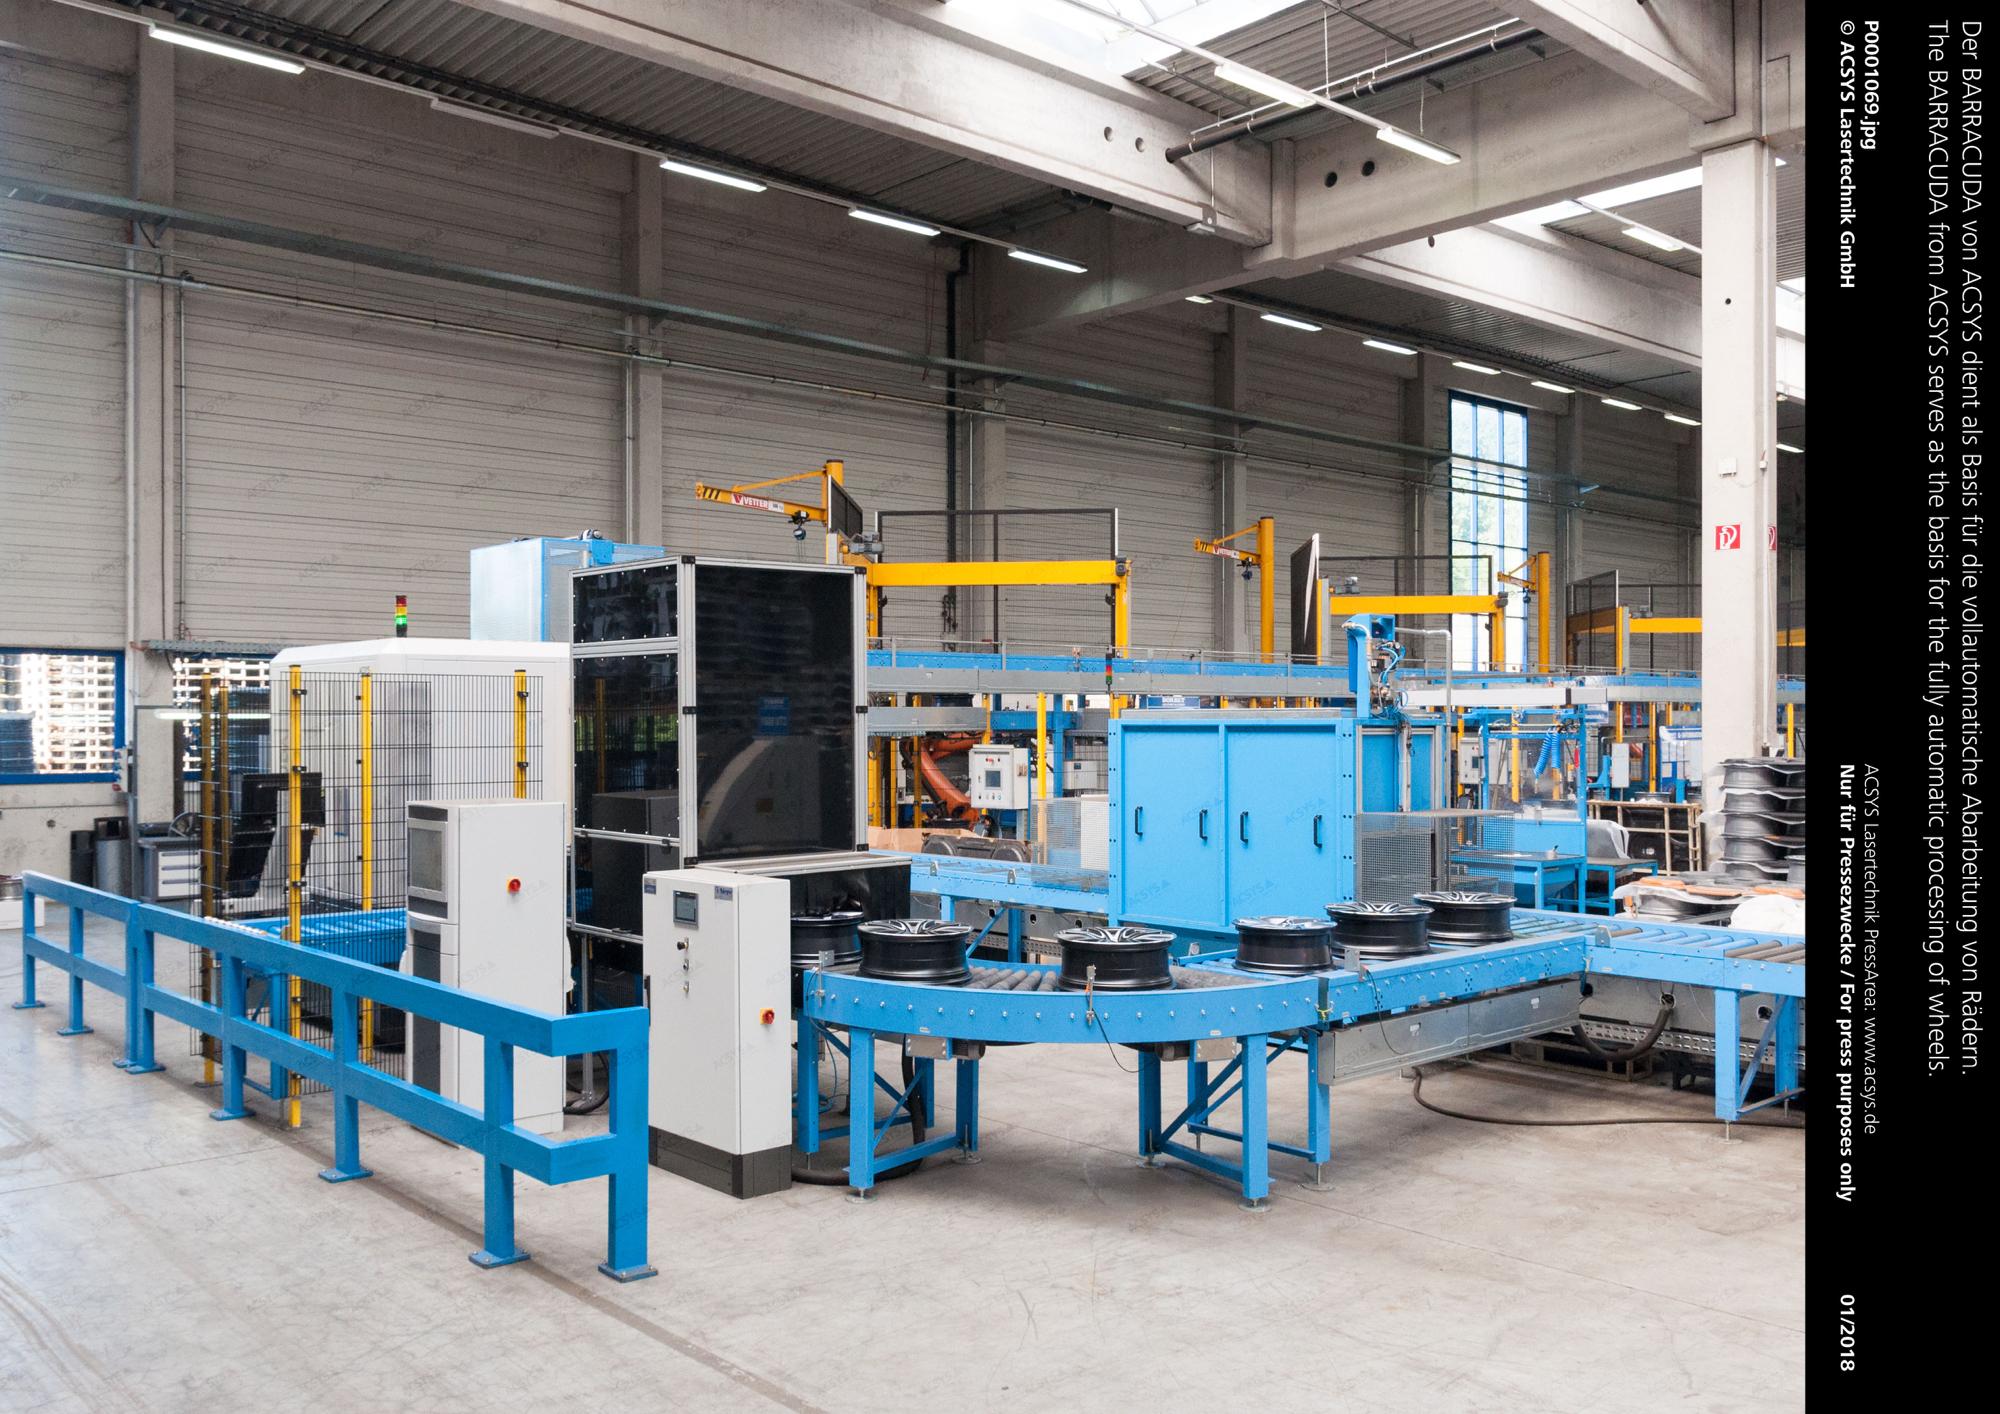 Der BARRACUDA von ACSYS dient als Basis für die vollautomatische Abarbeitung von Rädern.